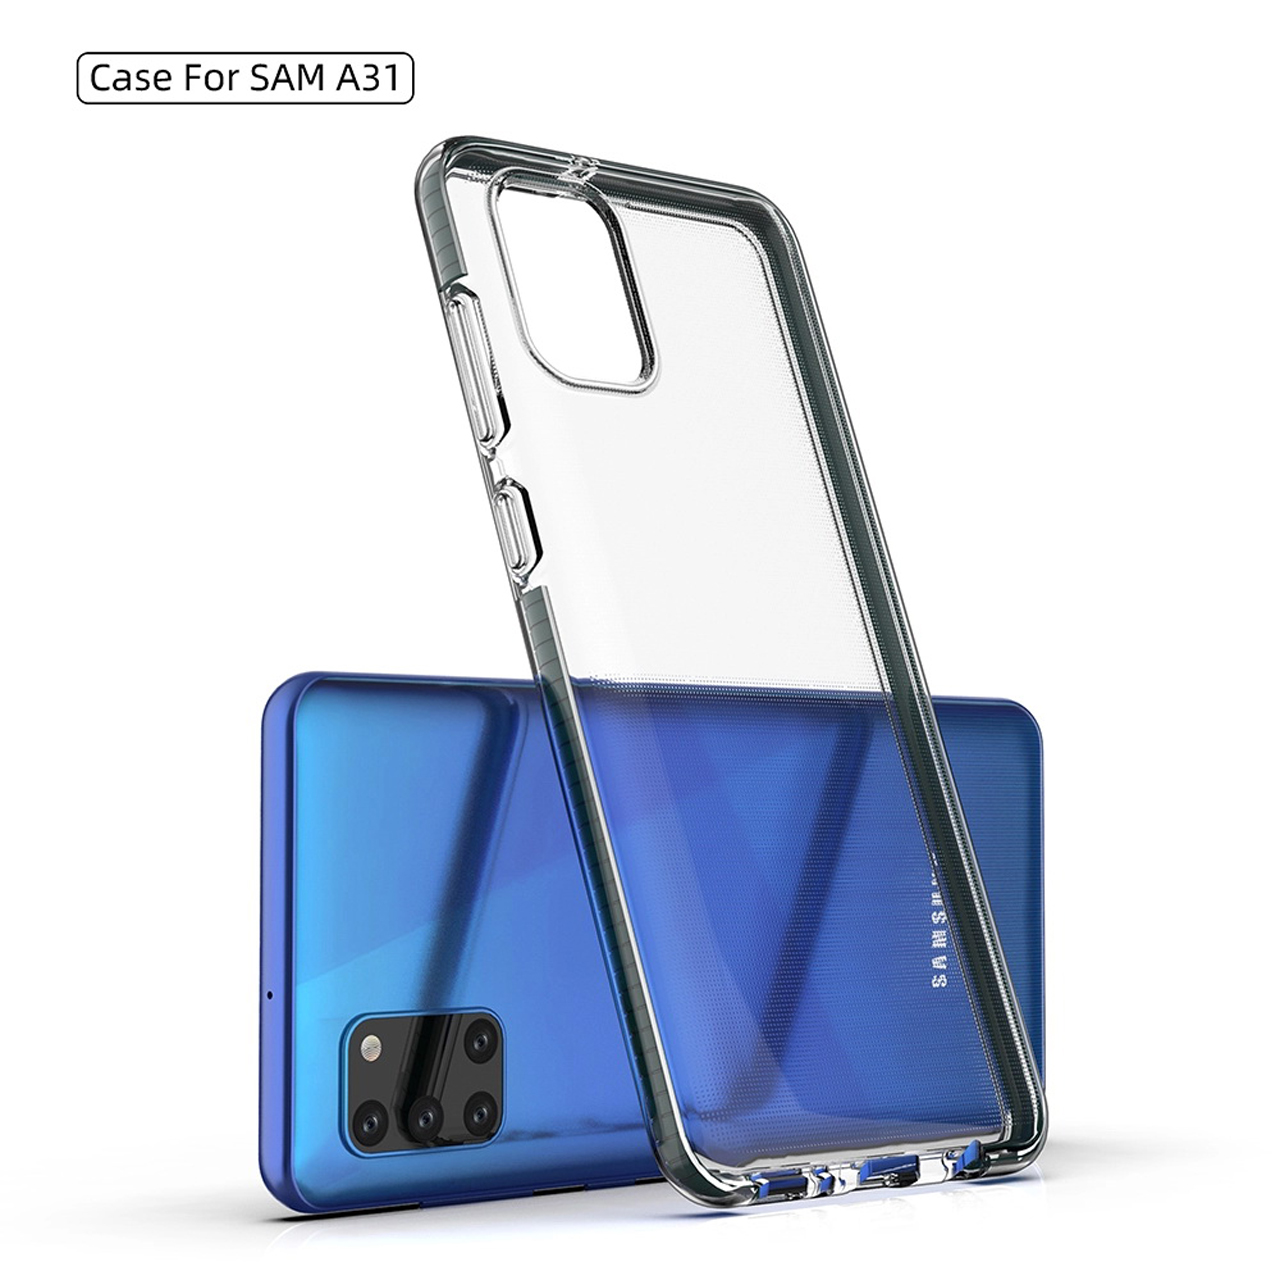 کاور رینیکا مدل Co111ers مناسب برای گوشی موبایل سامسونگ Galaxy A31